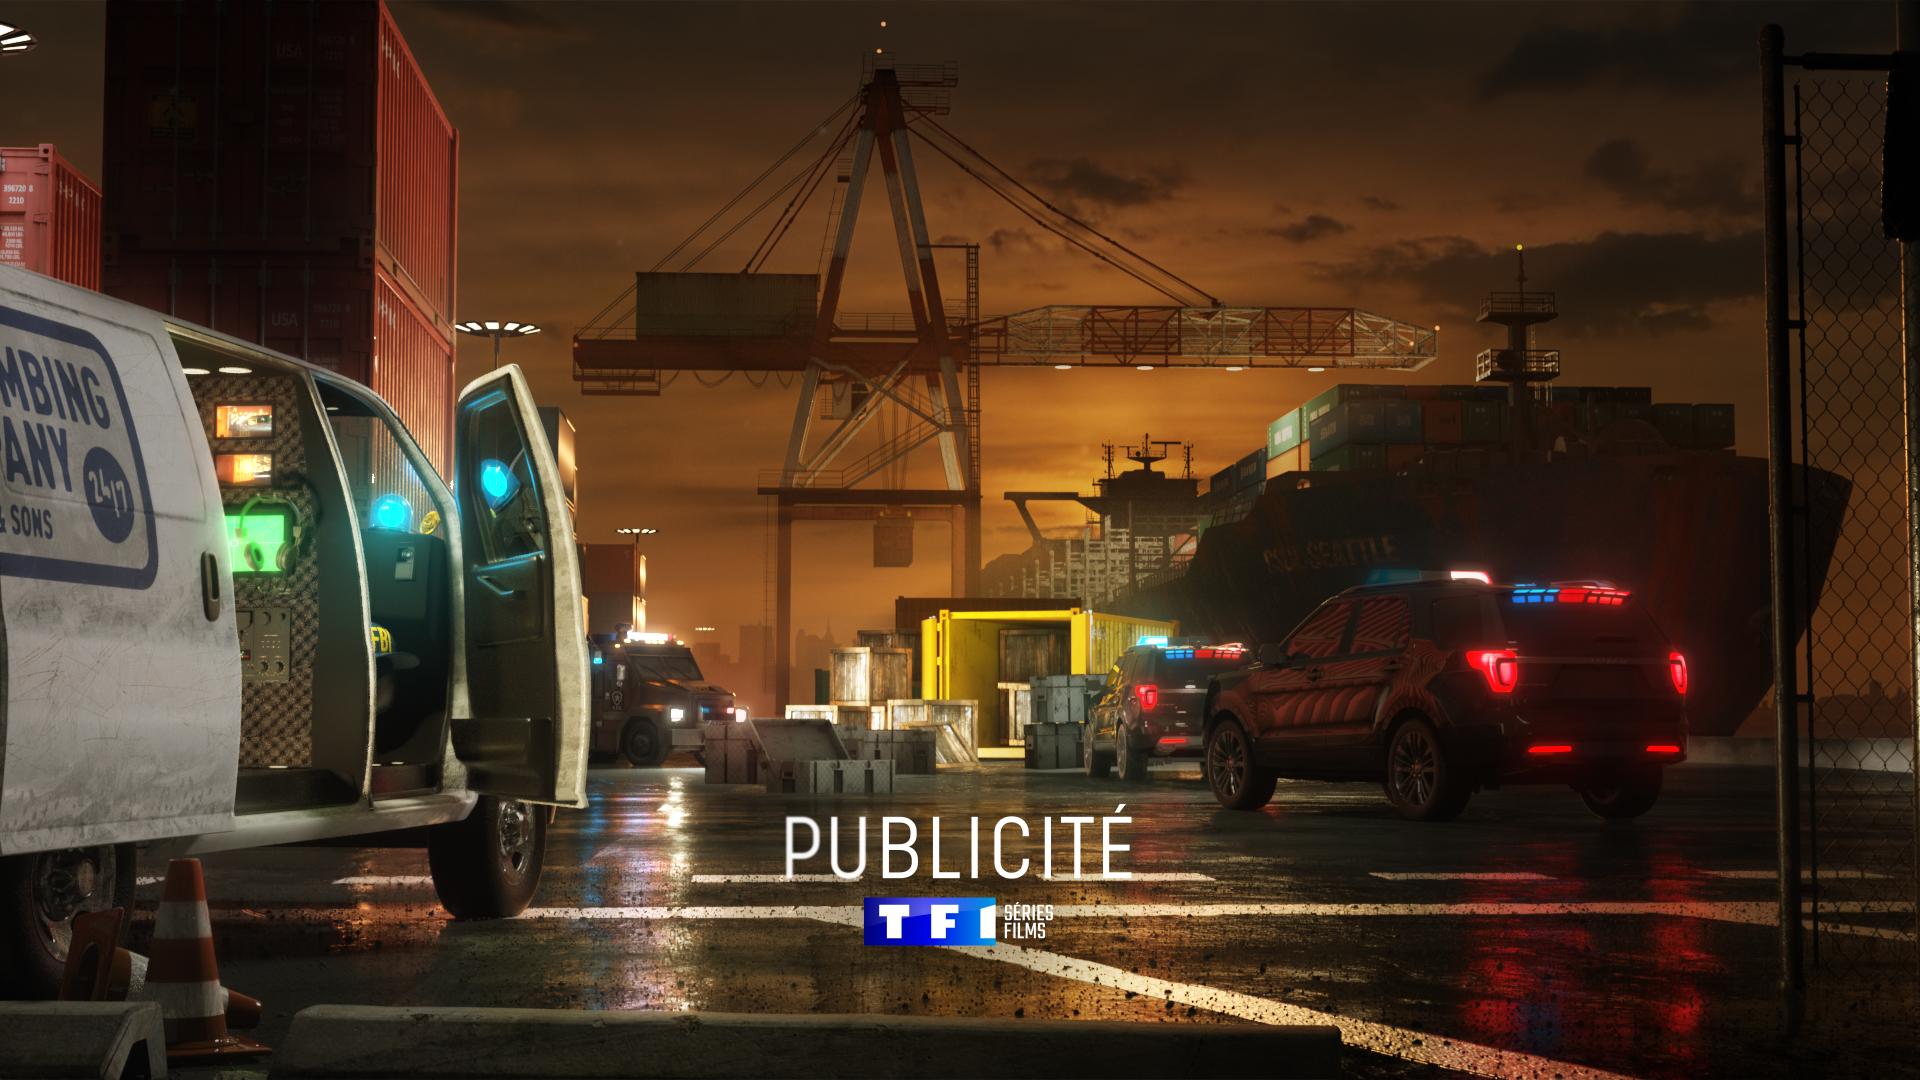 TF1_SF_JINGLES_PUB_FBI_APRES.jpg